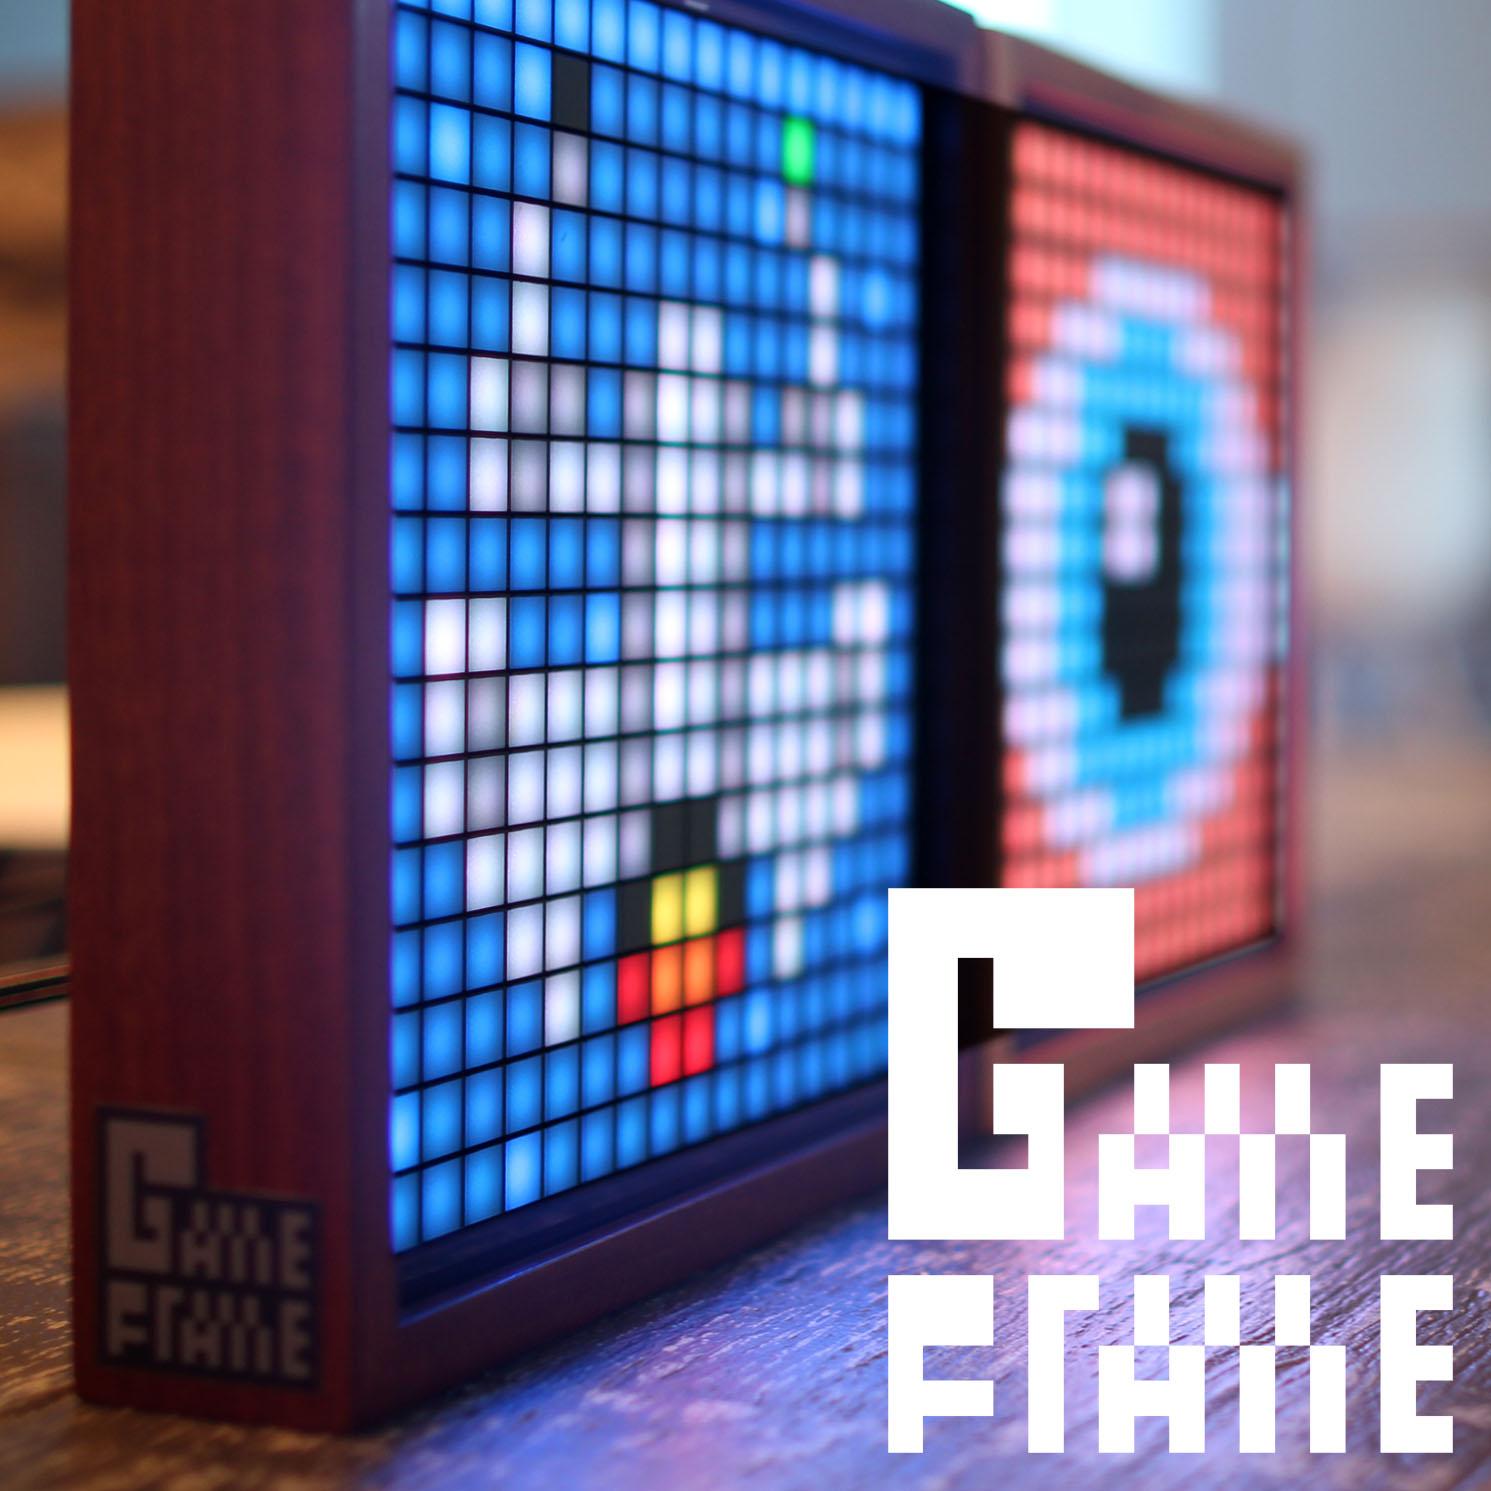 Game Frame Ledseq